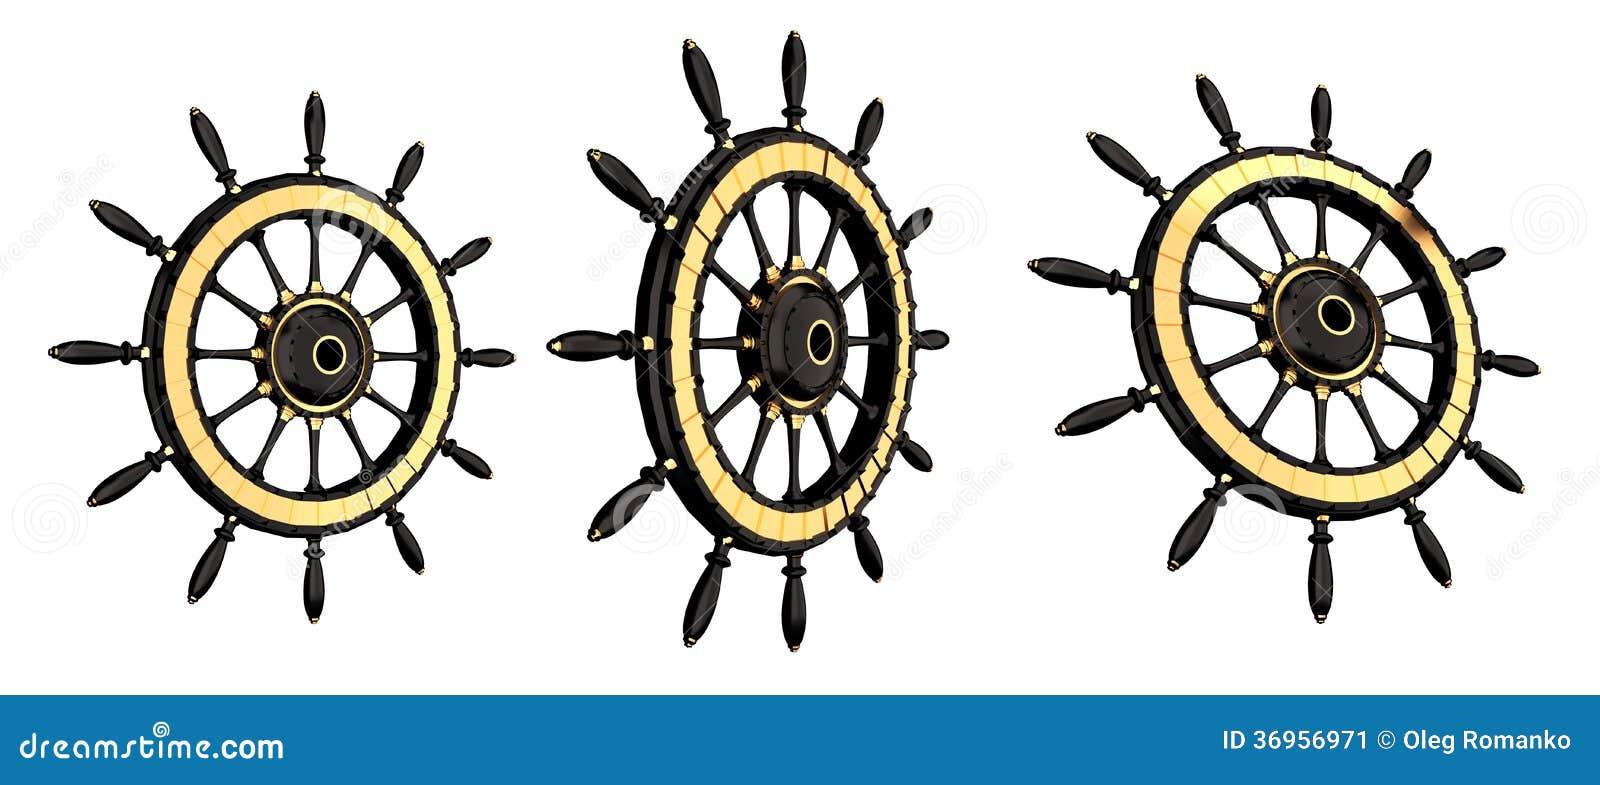 barre du bateau illustration stock illustration du configuration 36956971. Black Bedroom Furniture Sets. Home Design Ideas